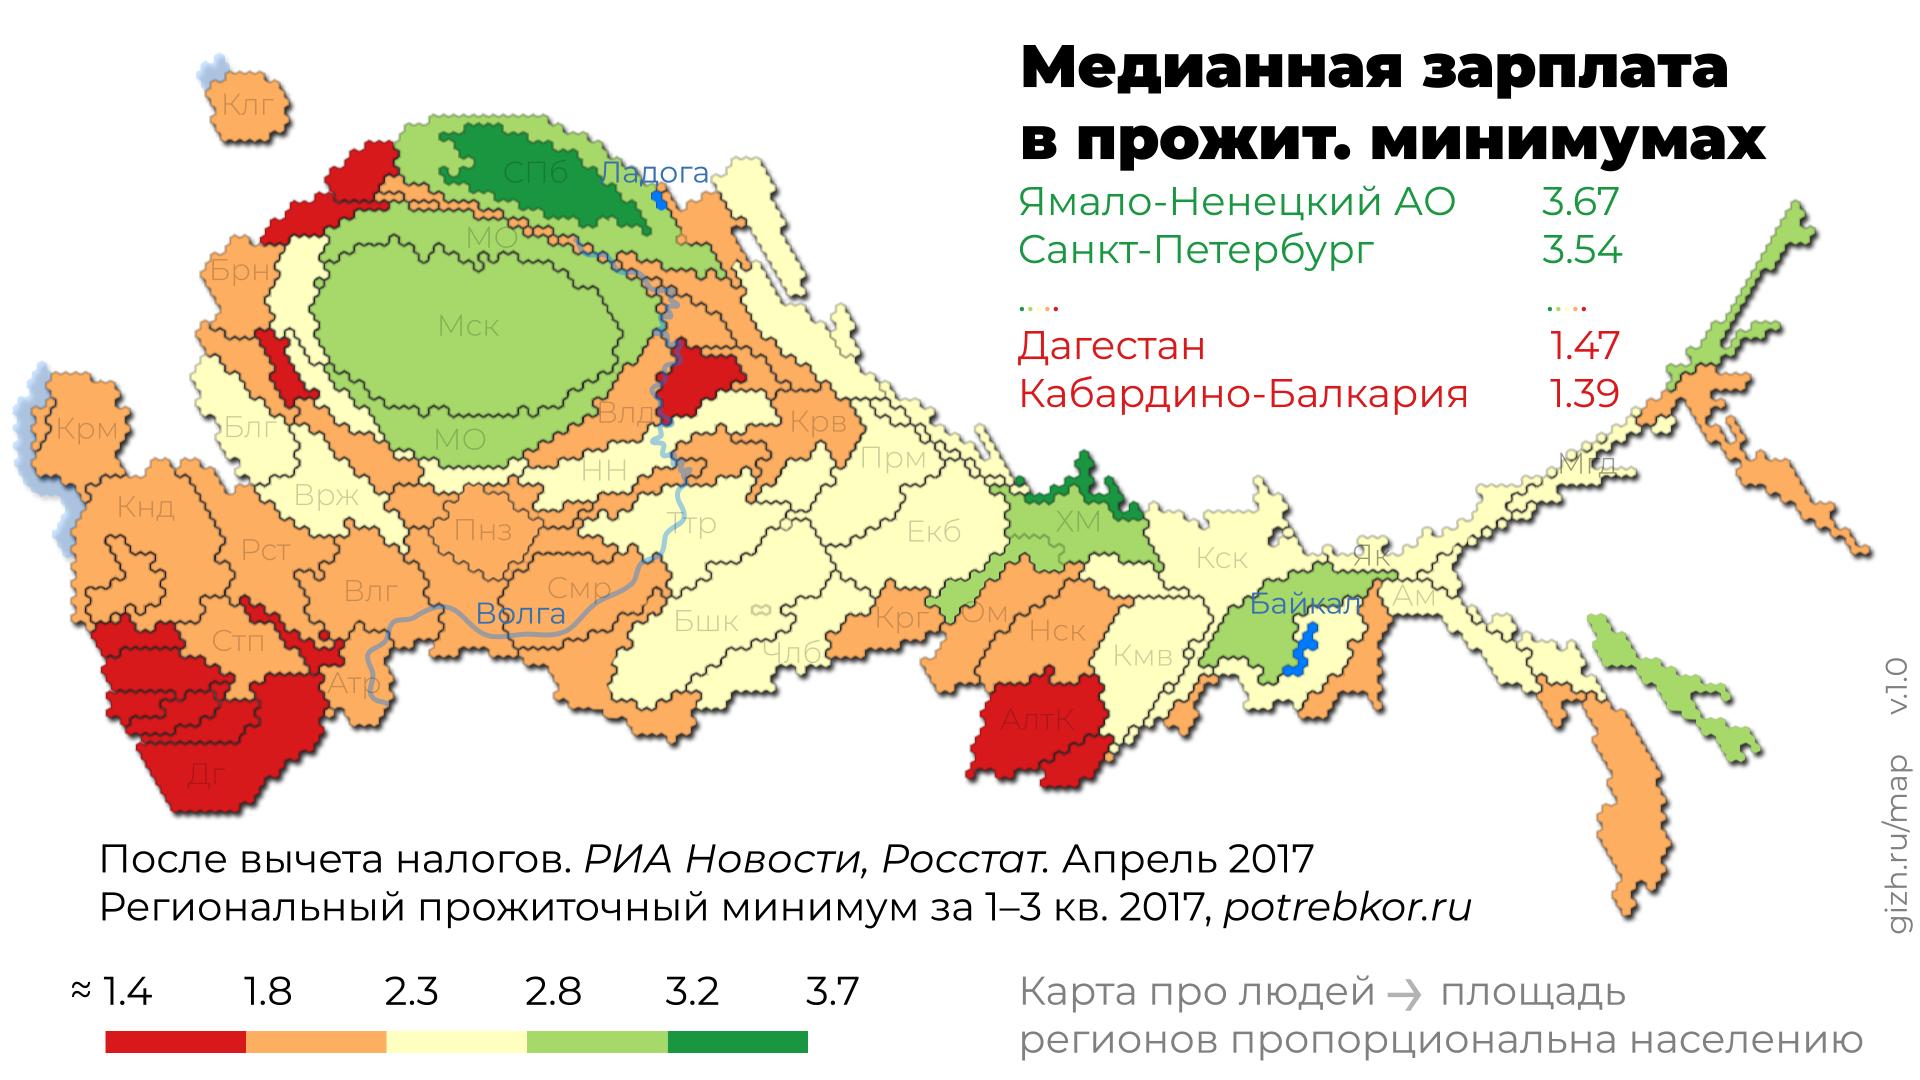 Медианная зарплата в прожиточных минимумах по регионам. Карта-анаморфоза